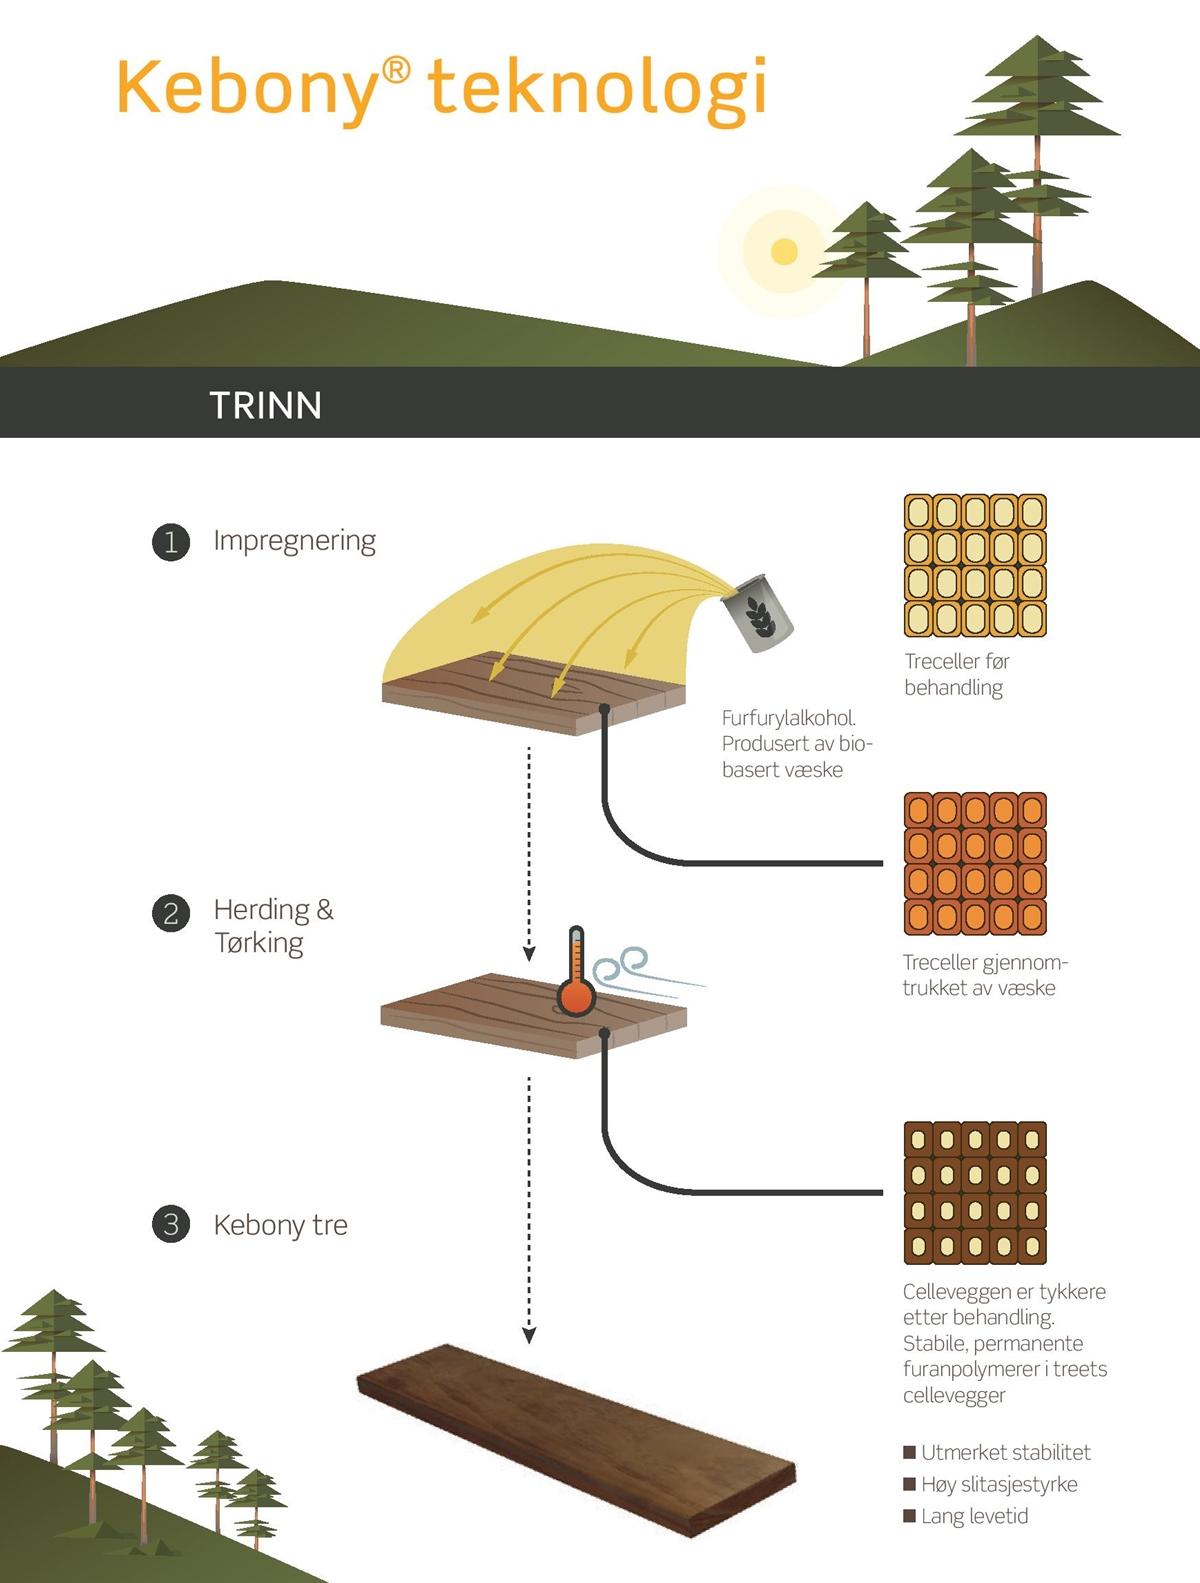 Kebony teknologi impregnering herding tørking treceller